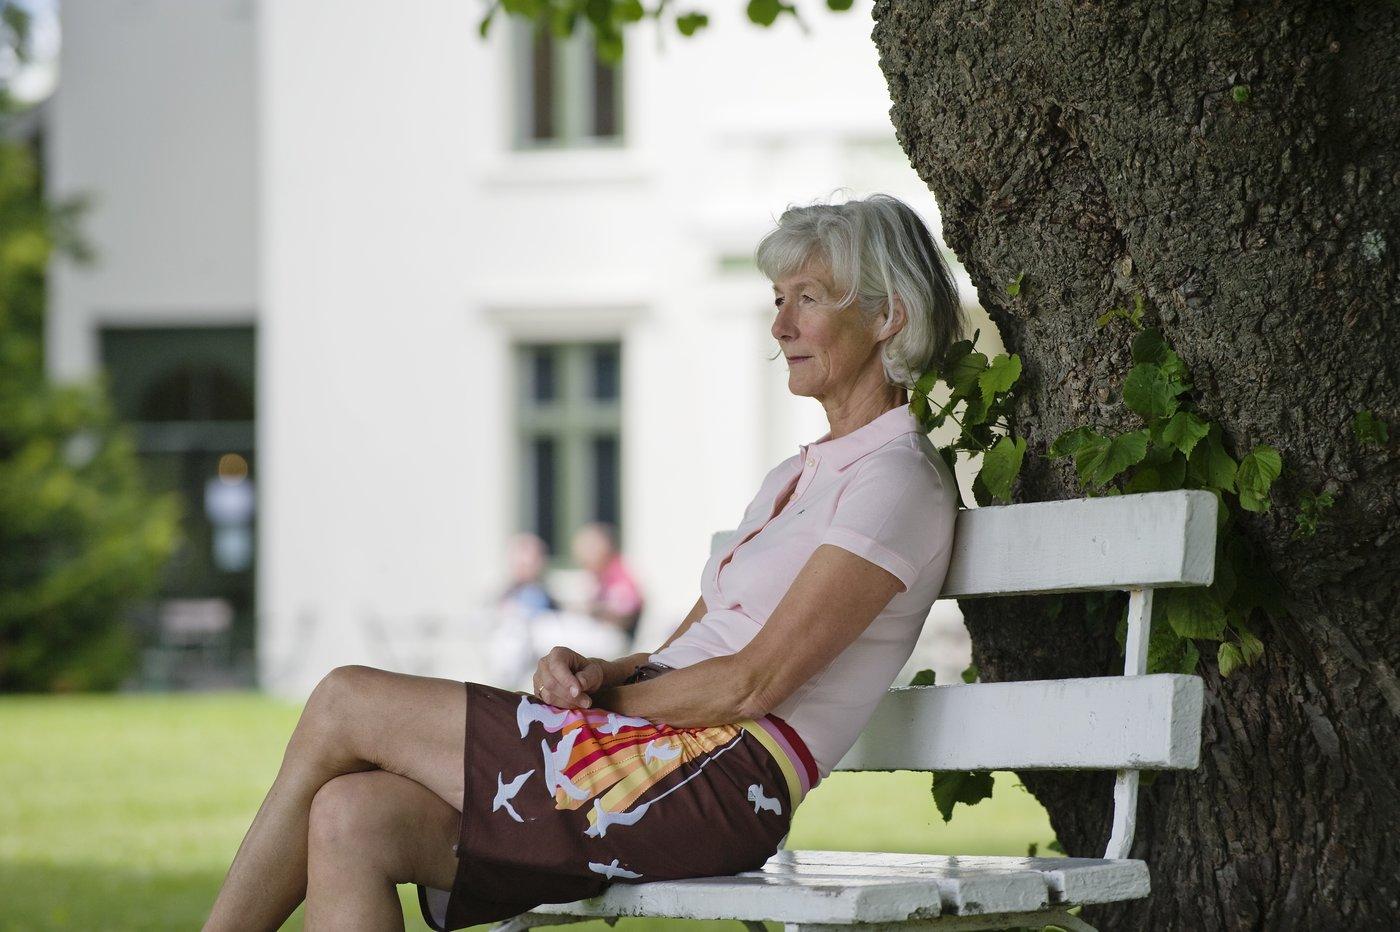 Foto: Terje Rakke/Nordic Life - Visitnorway.com